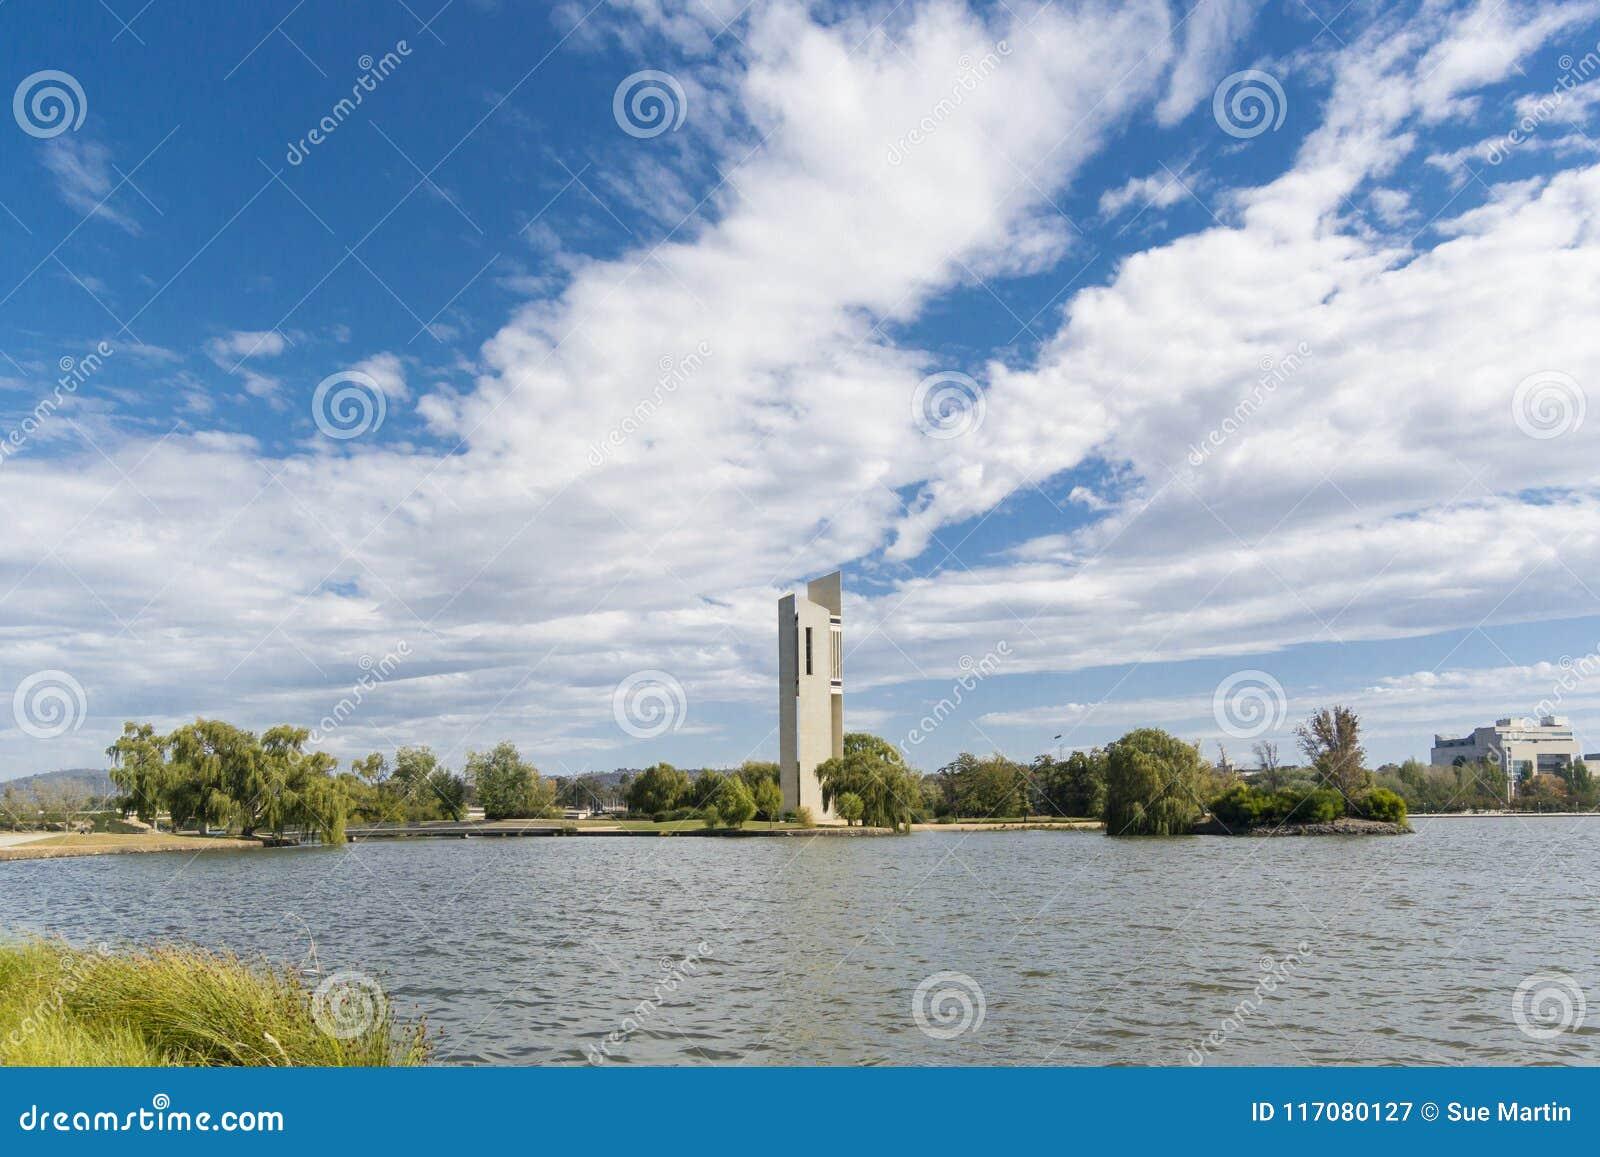 Nationale Carillonklokketoren, Canberra, Australië